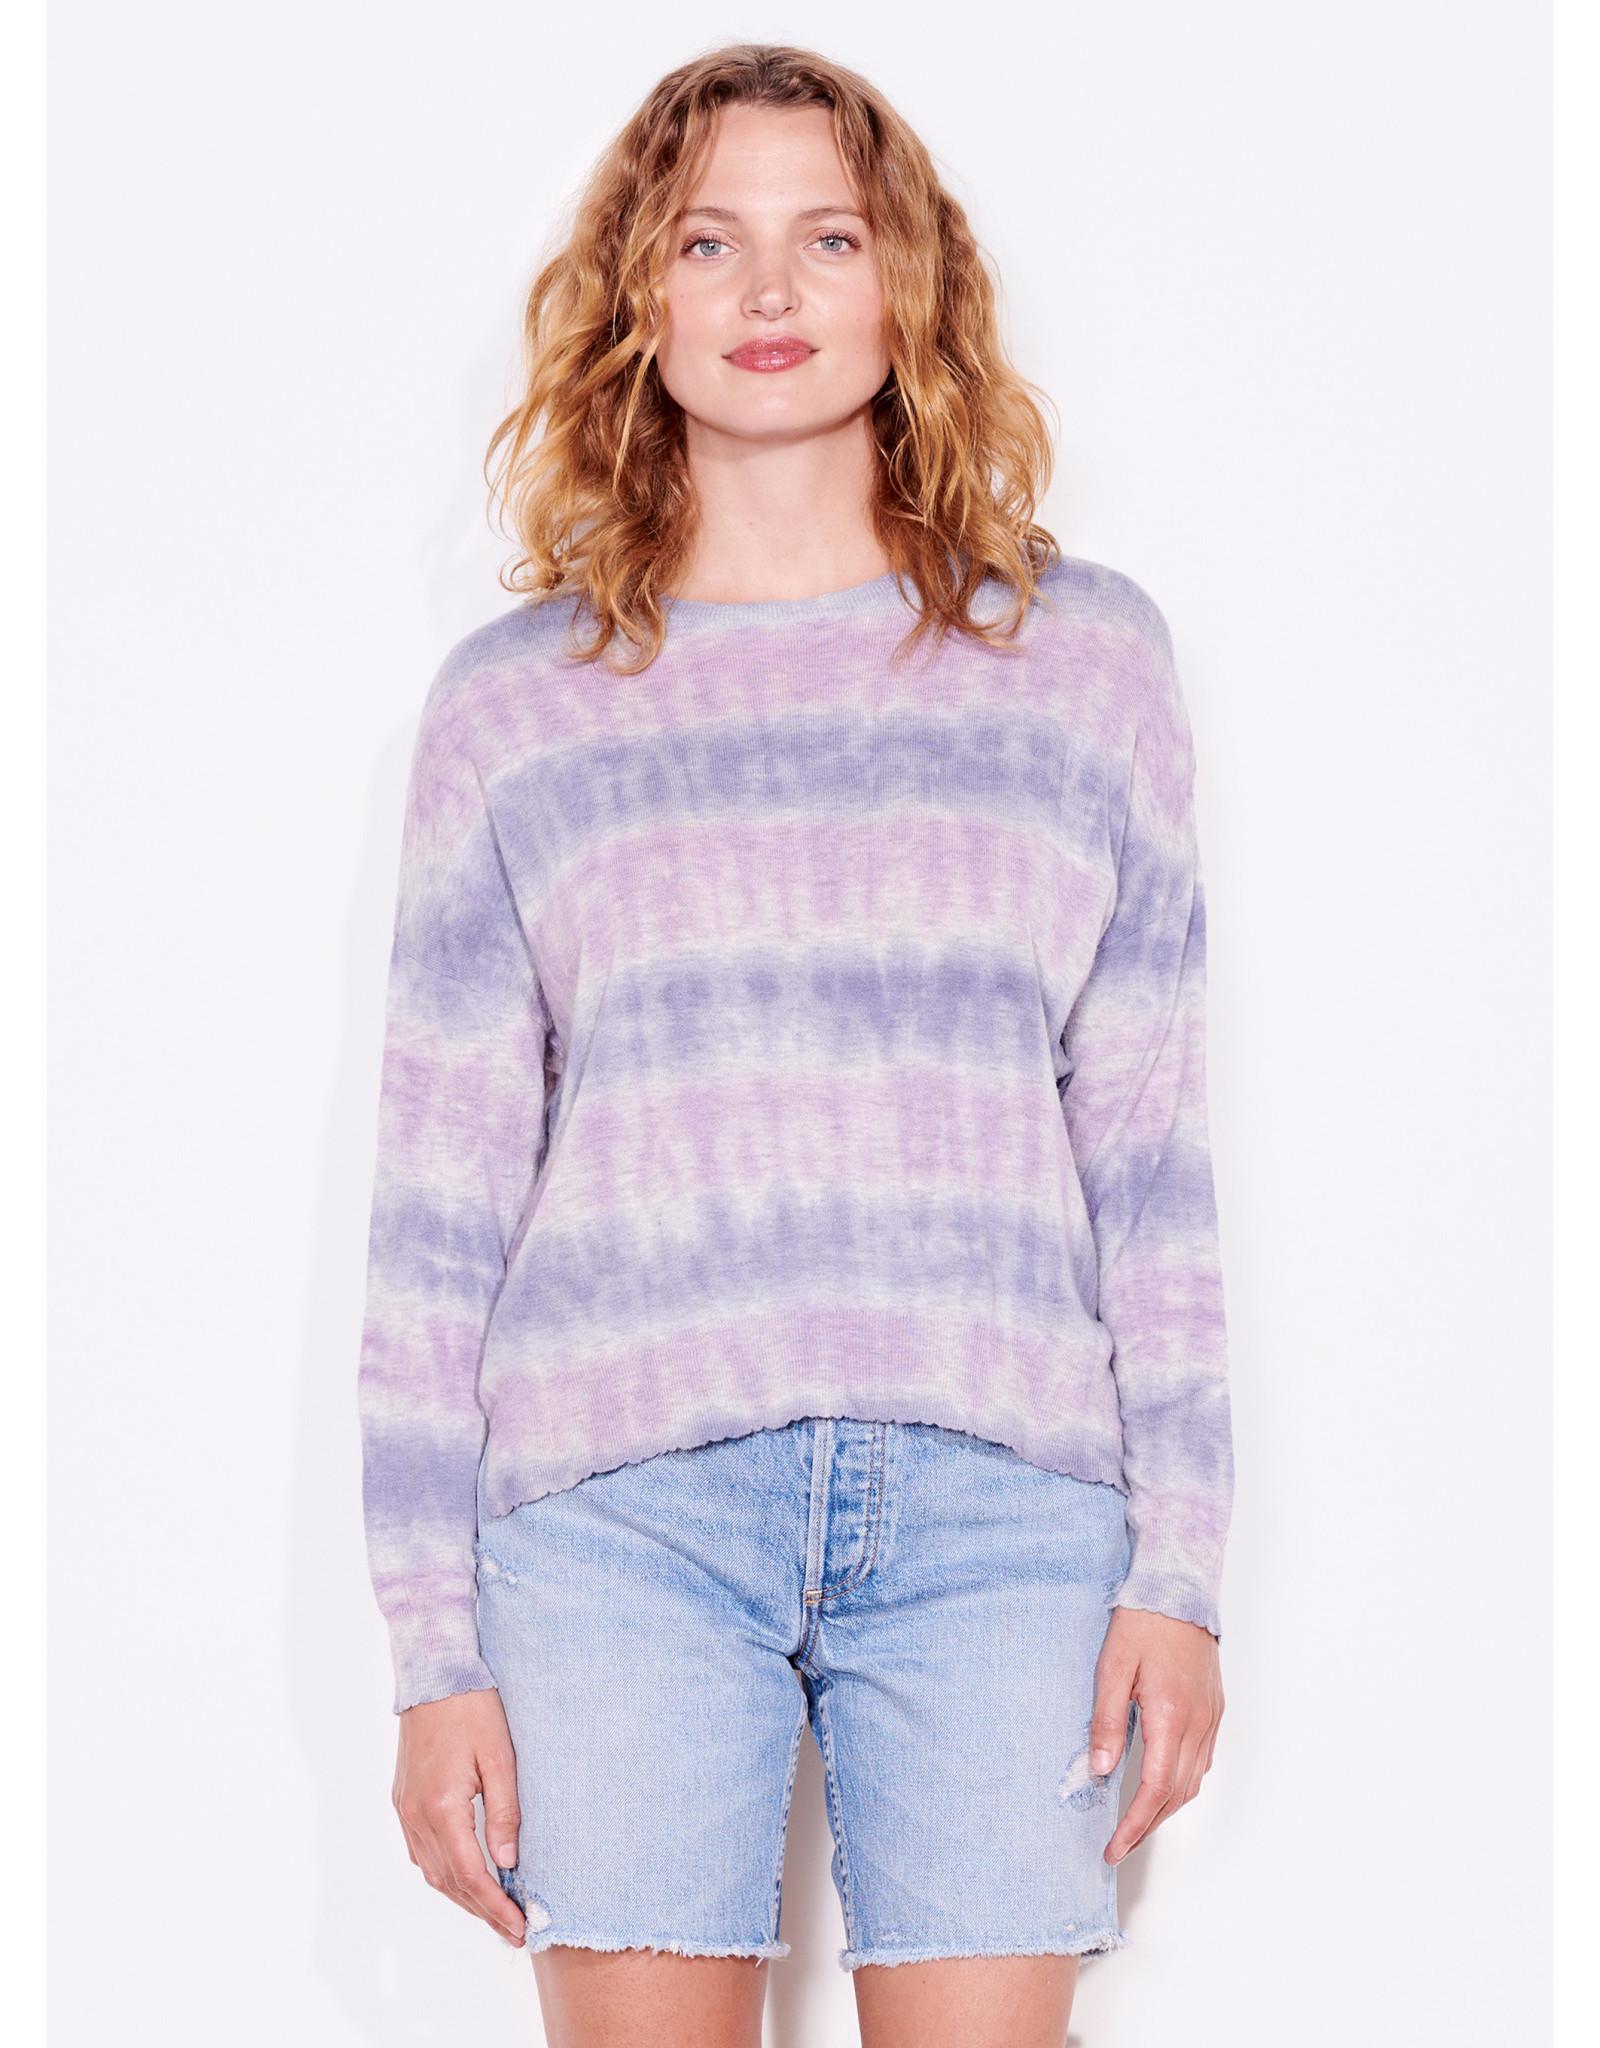 Sundry Sundry Sherbert Crew Sweater